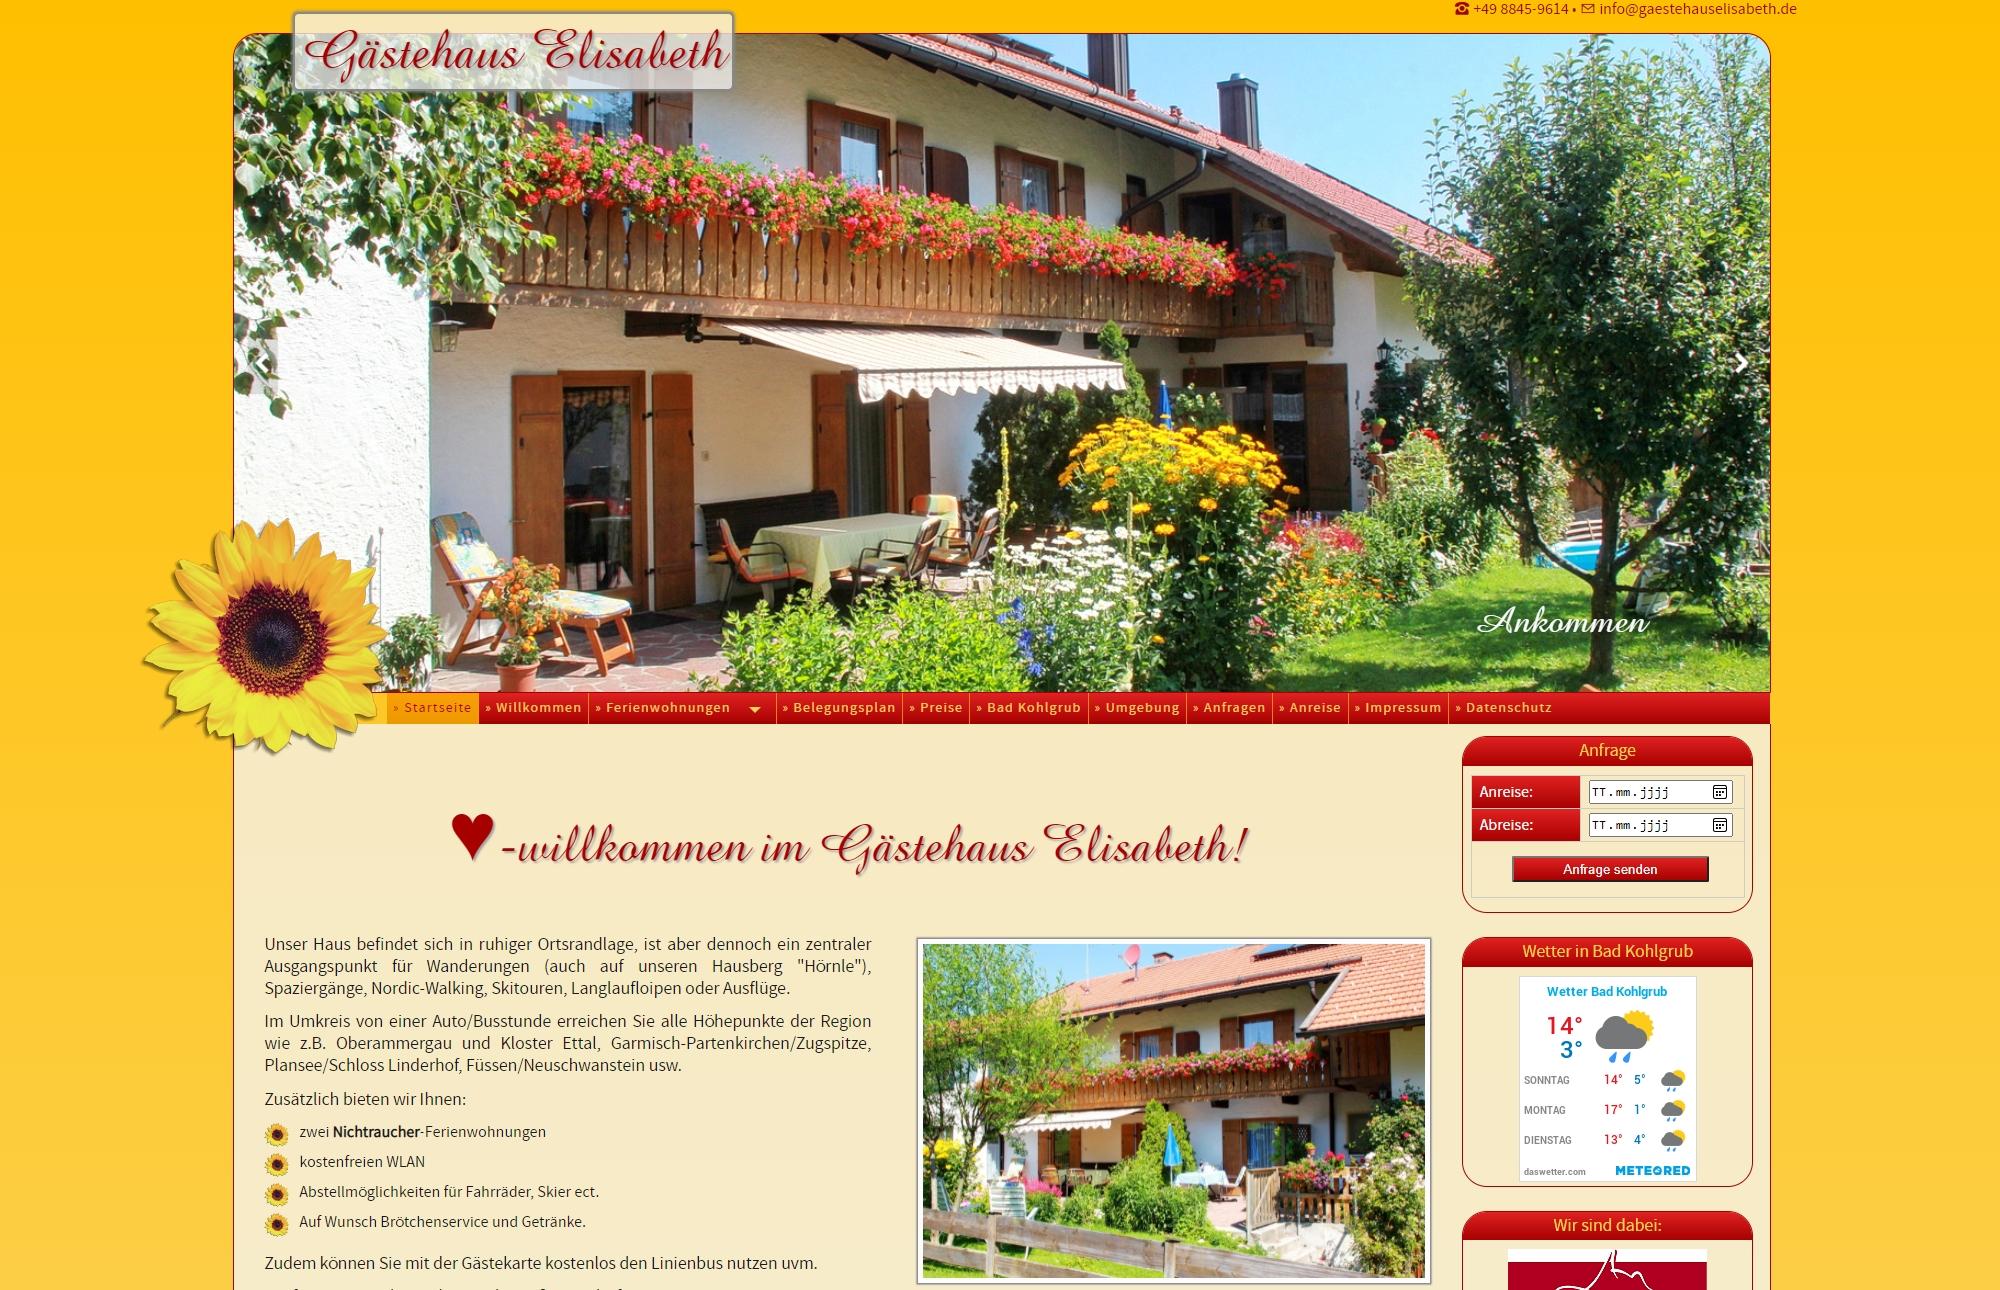 Gästehaus Elisabeth, Bad Kohlgrub